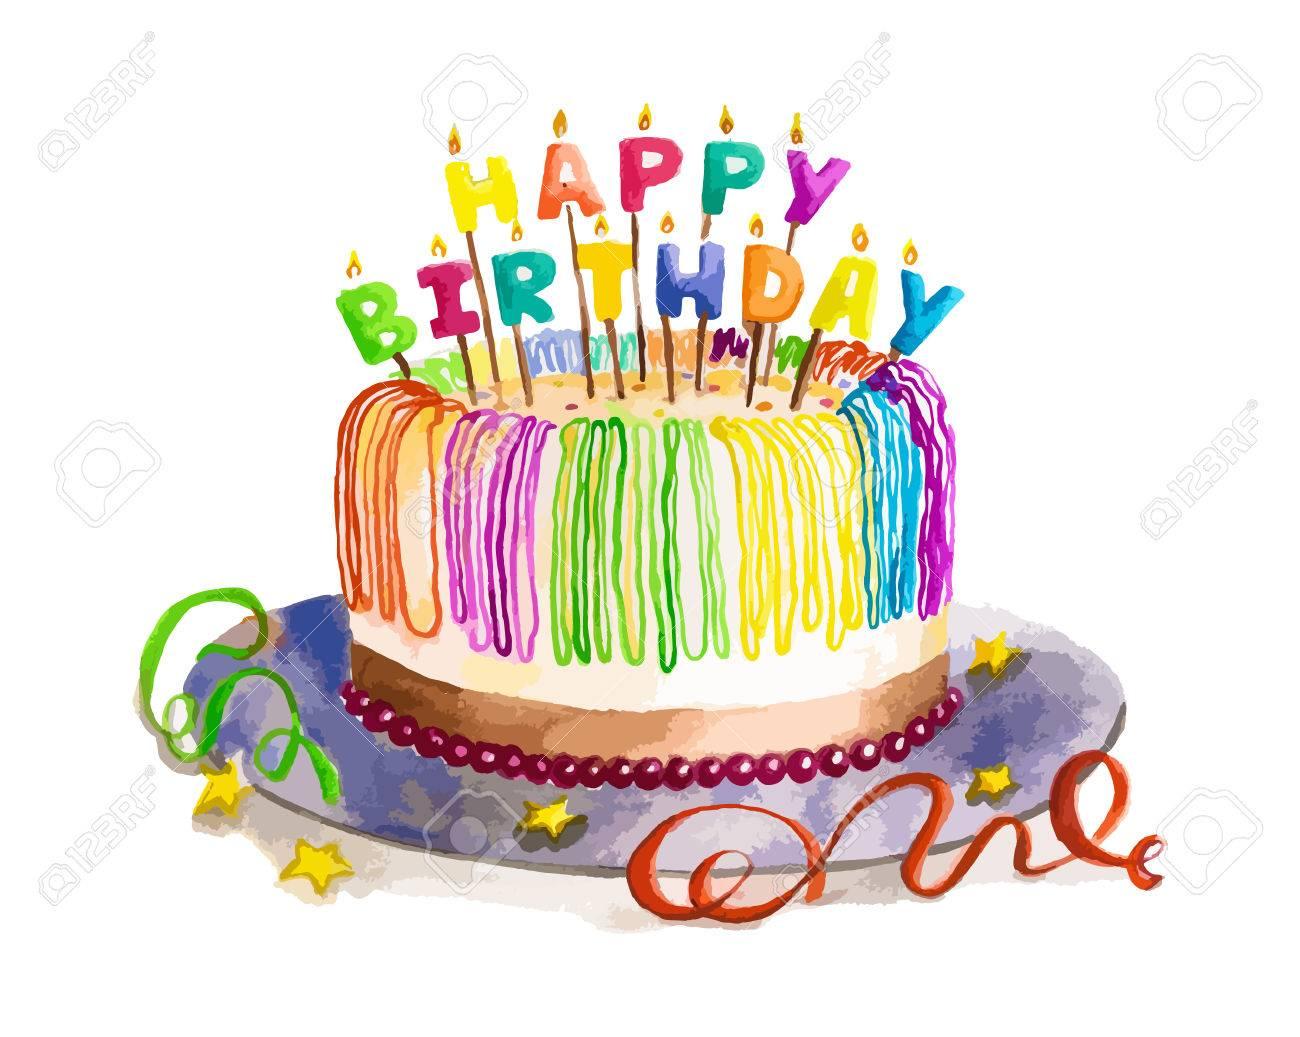 Geisoleerde Mooie Taart Aquarel Verjaardag Met Happy Birthday